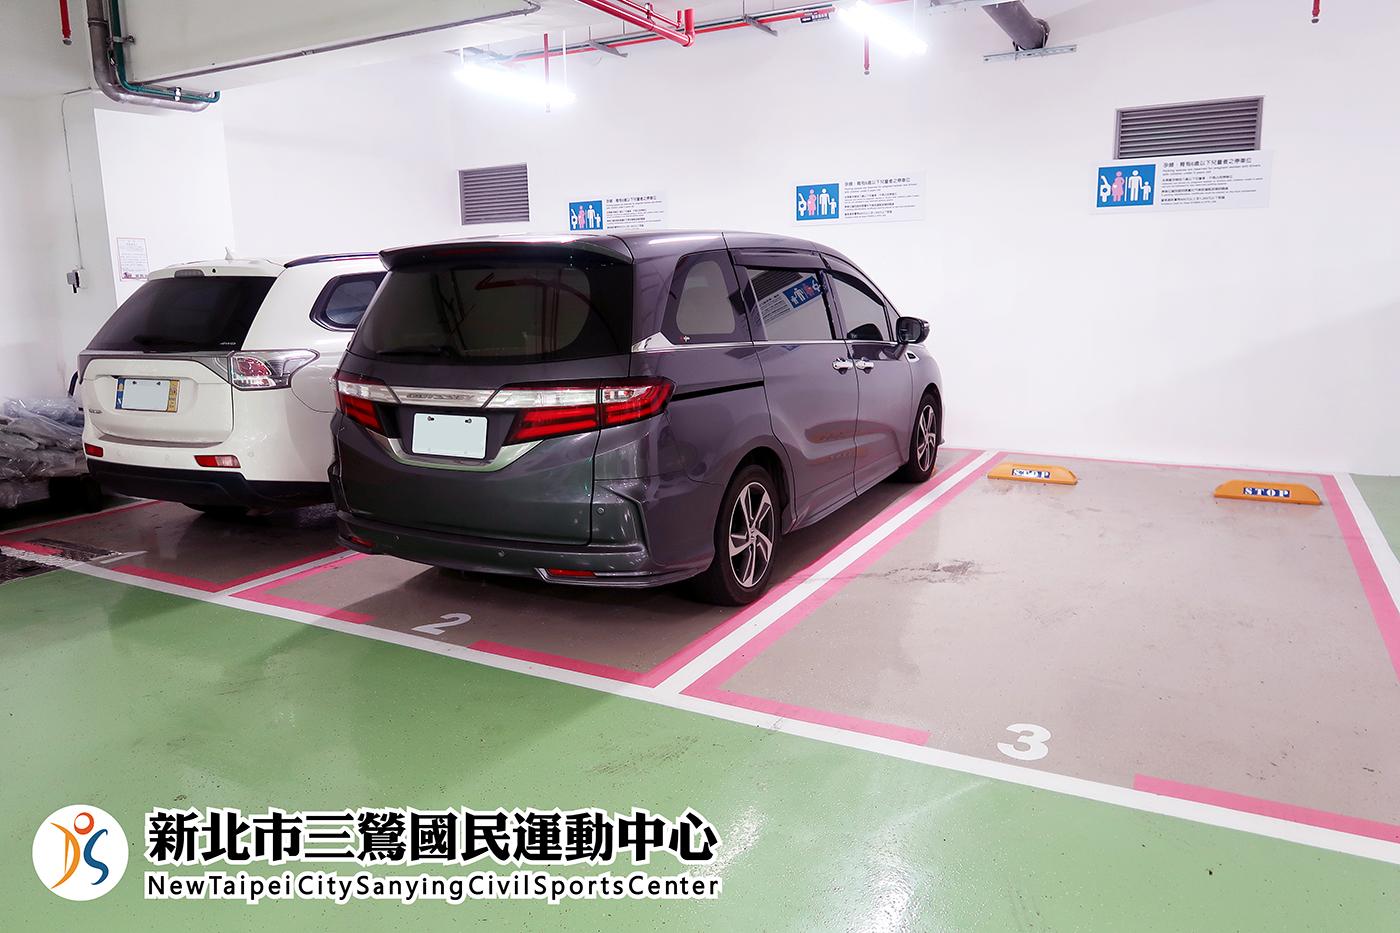 室內汽機車停車場